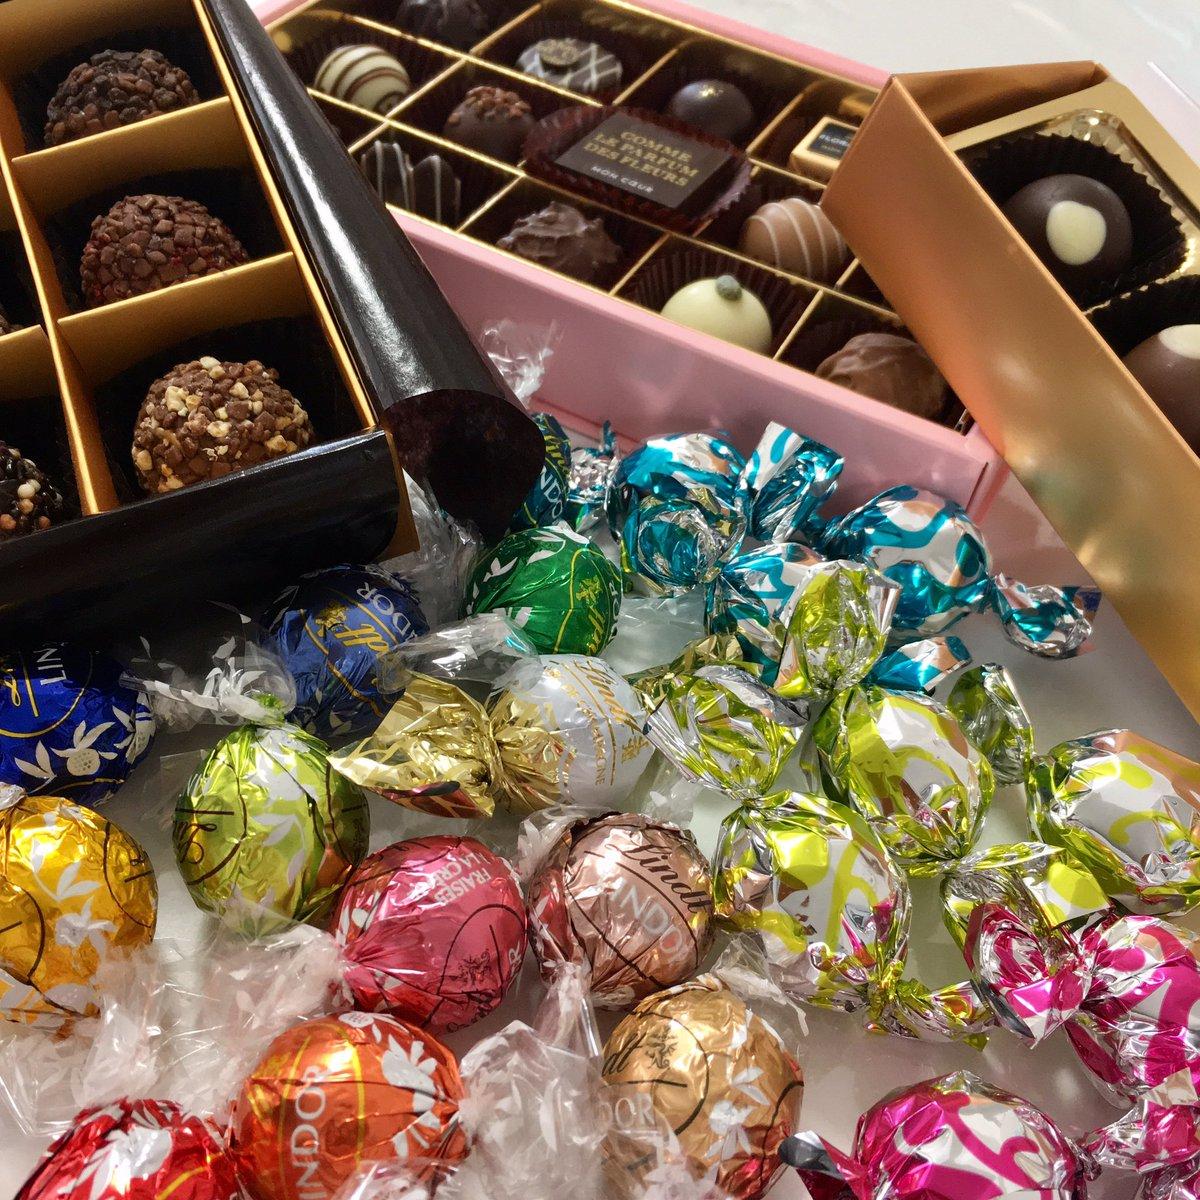 5つのメーカーから味の異なる24種類の丸いチョコレート(トリュフなど)を選び、たこ焼きプレートに入れ、断腸の思いでチョコフォンデュに。 融点の違いがおもしろい。